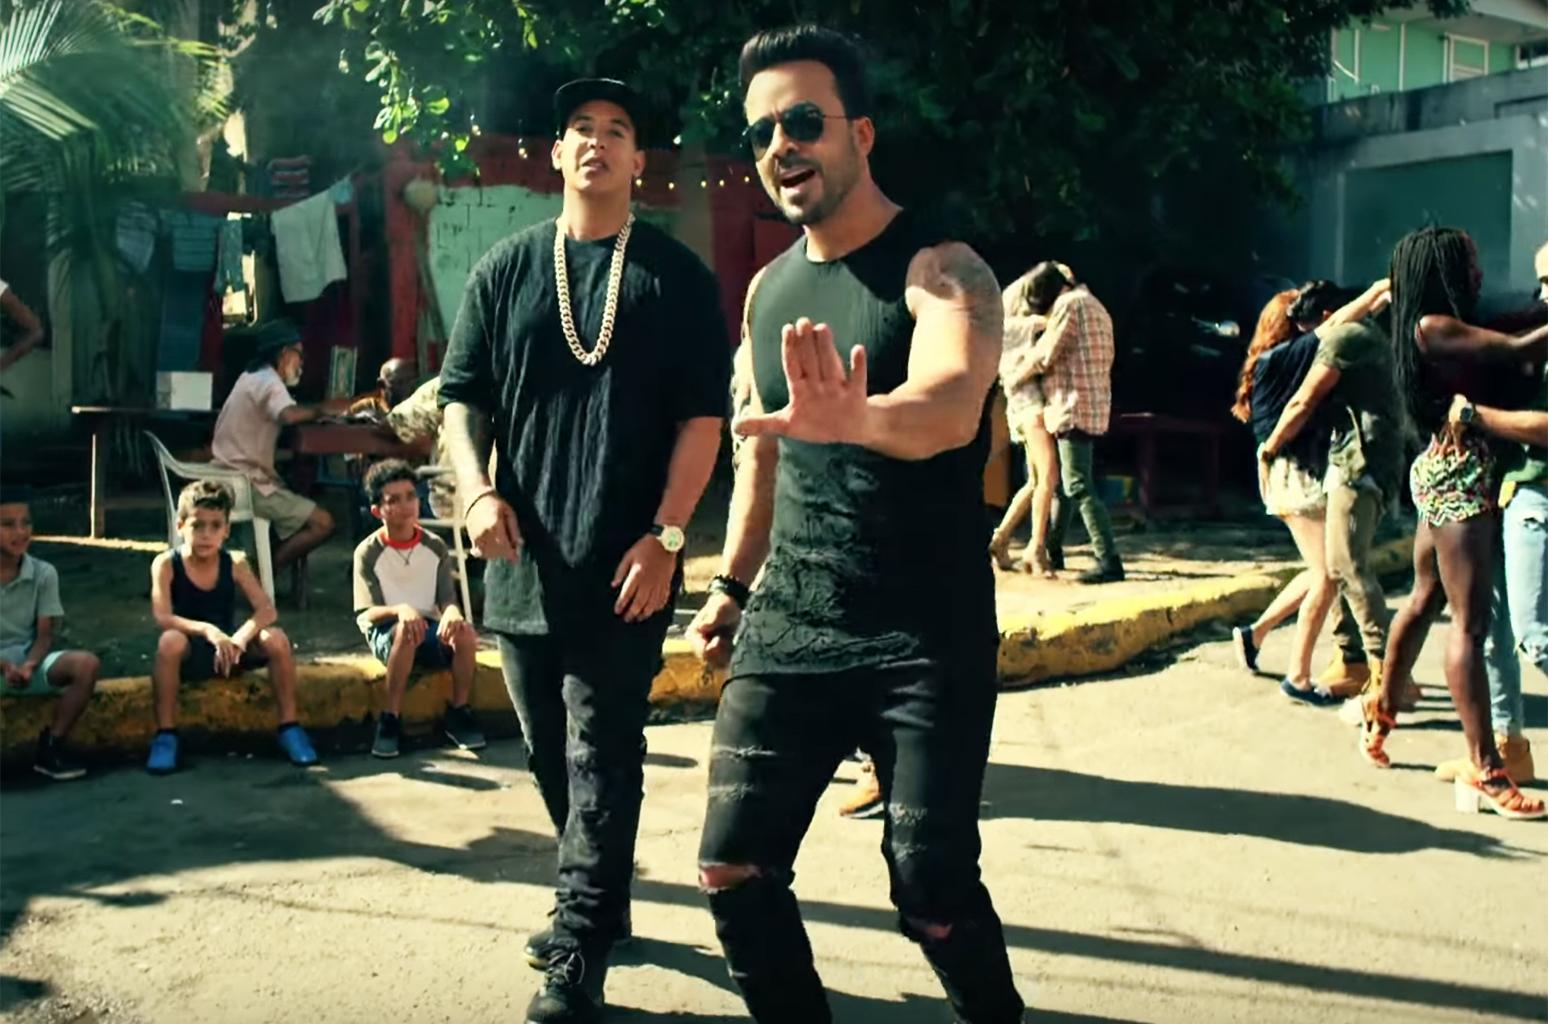 Lagu Despacito Booming Menjadi Rekor Tak Terkalahkan Streaming 4,8 Miliar Kali Tetapi